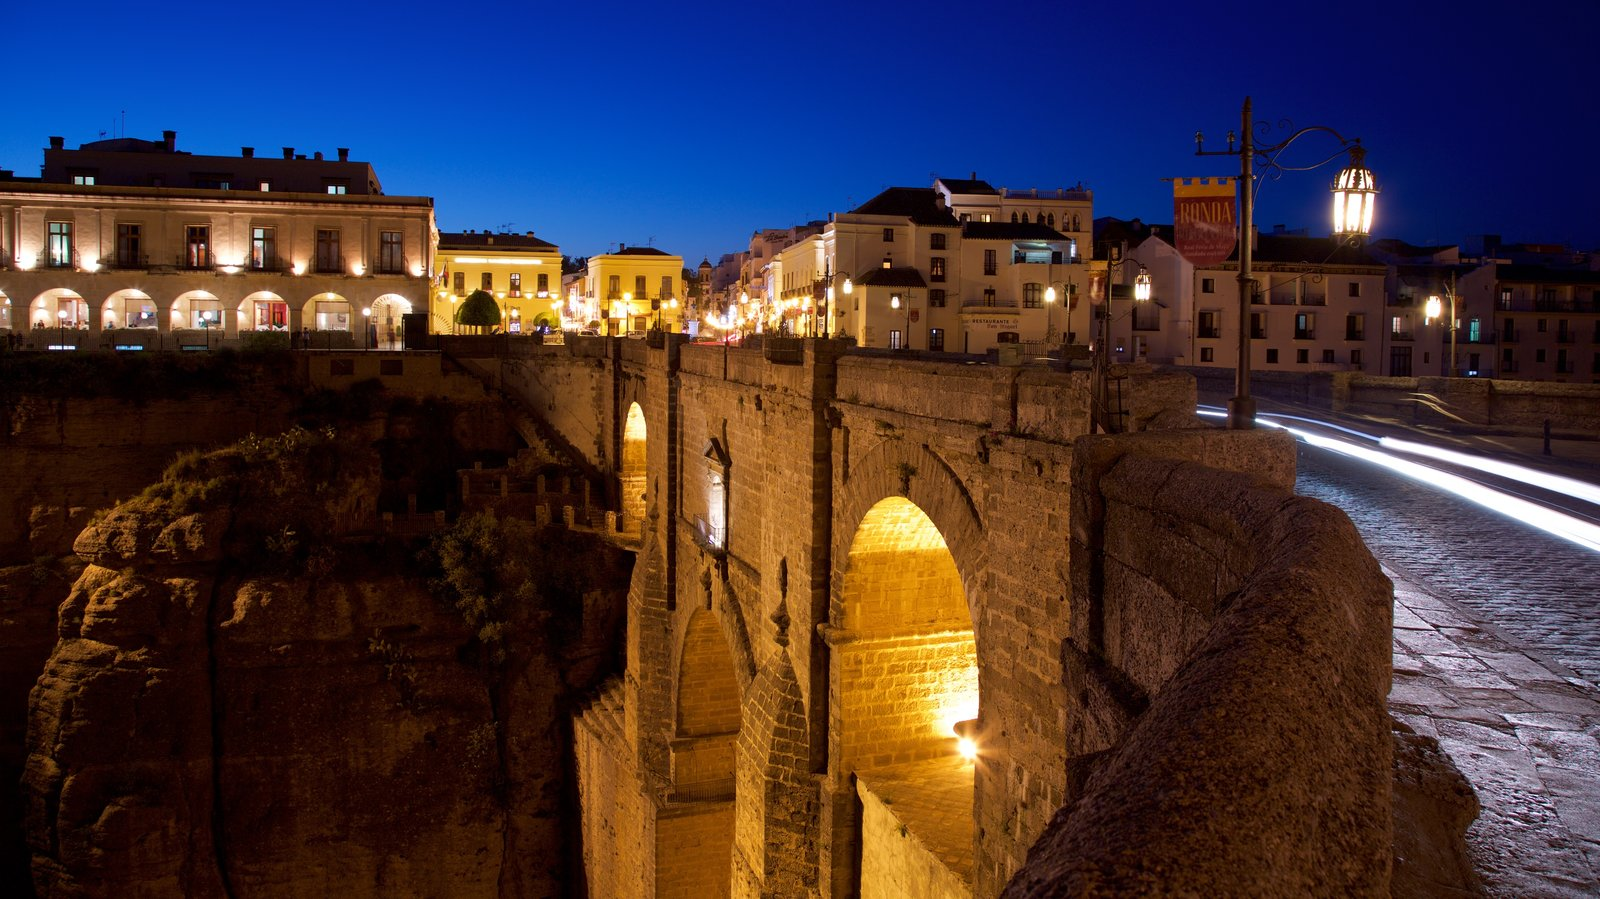 Puente Nuevo que incluye un puente, escenas nocturnas y elementos del patrimonio